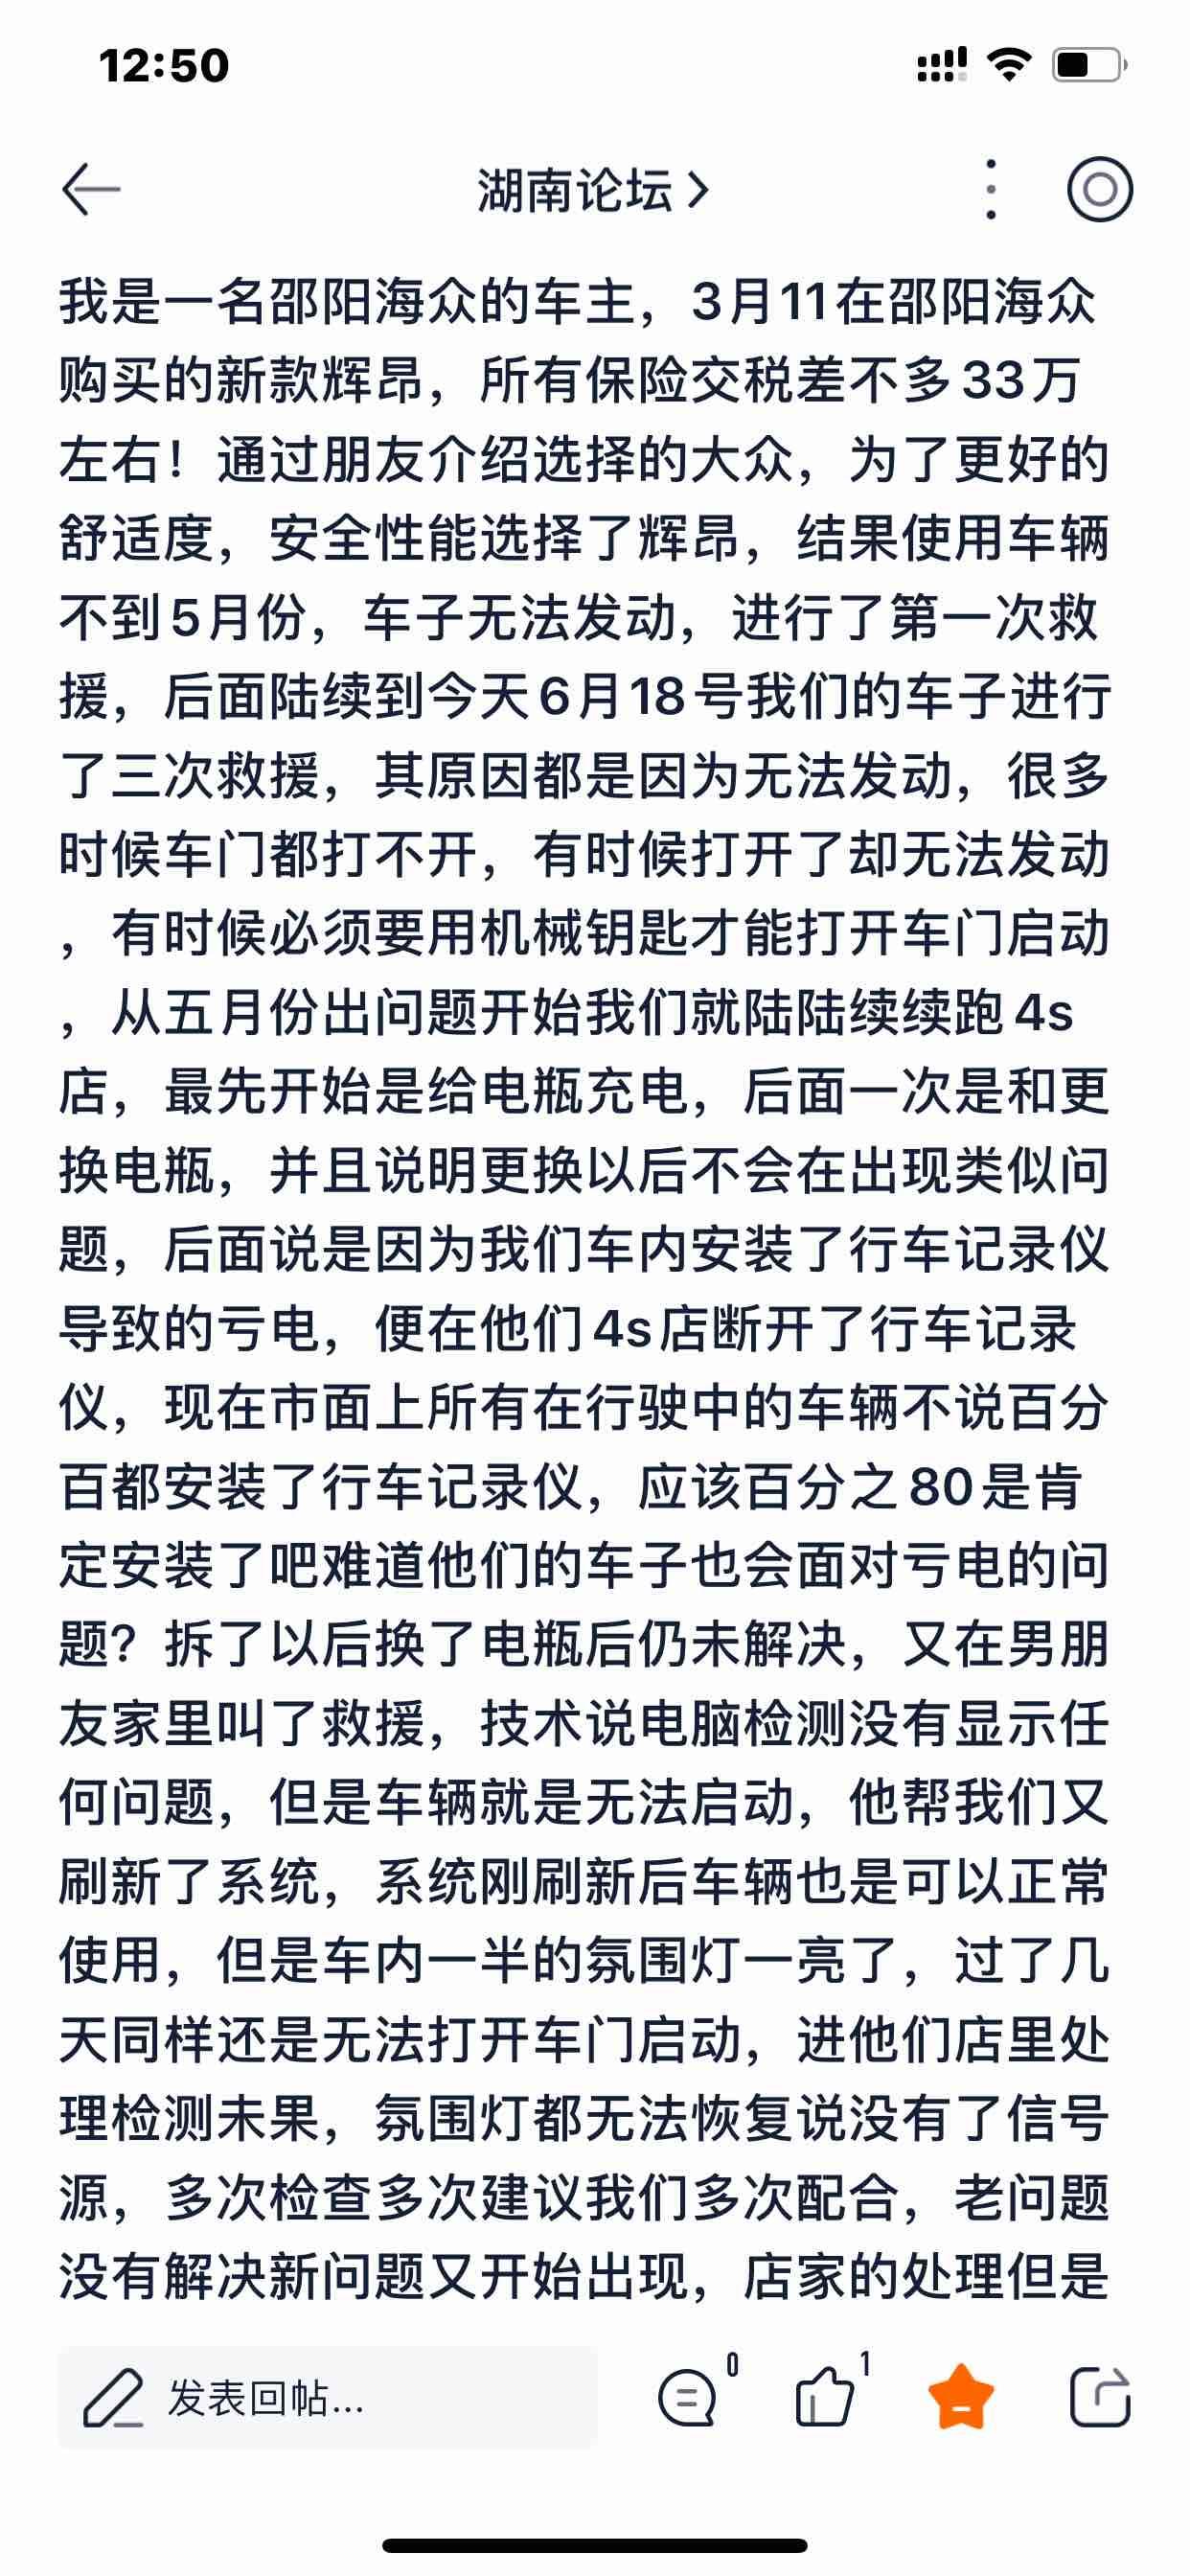 邵阳海众汽车销售公司无良商家